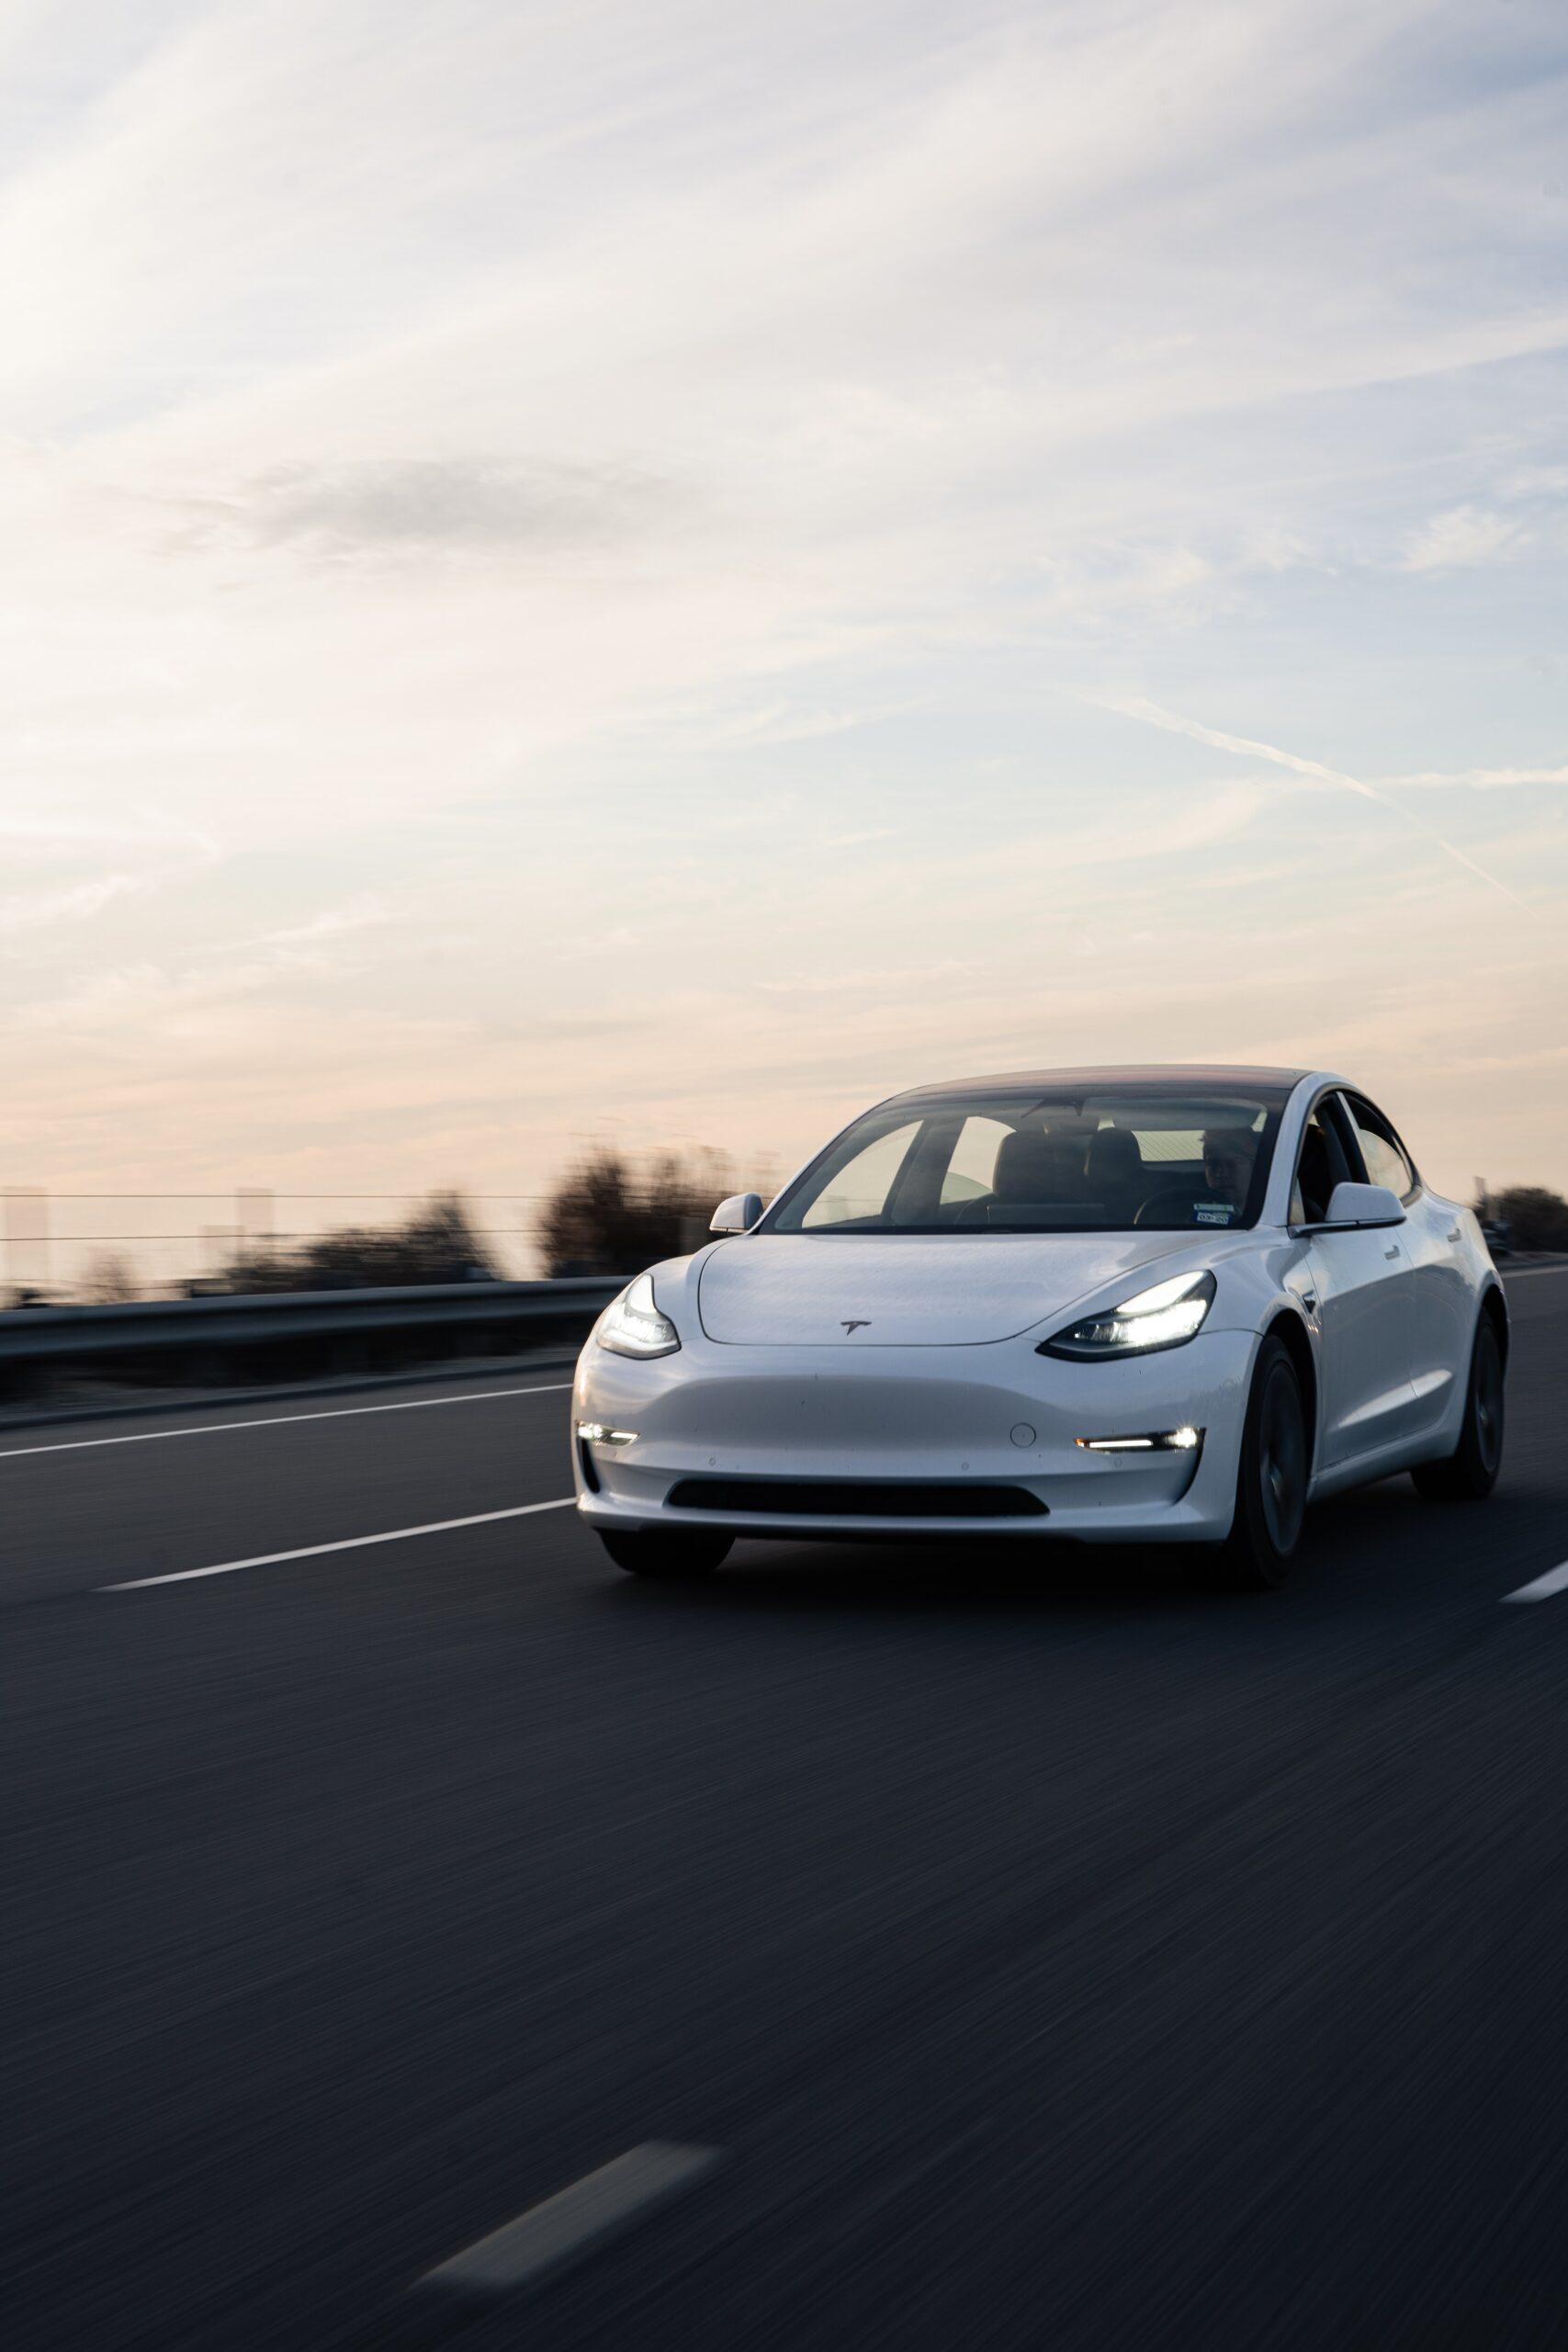 carter-baran-White Tesla Model 3 on highway-unsplash